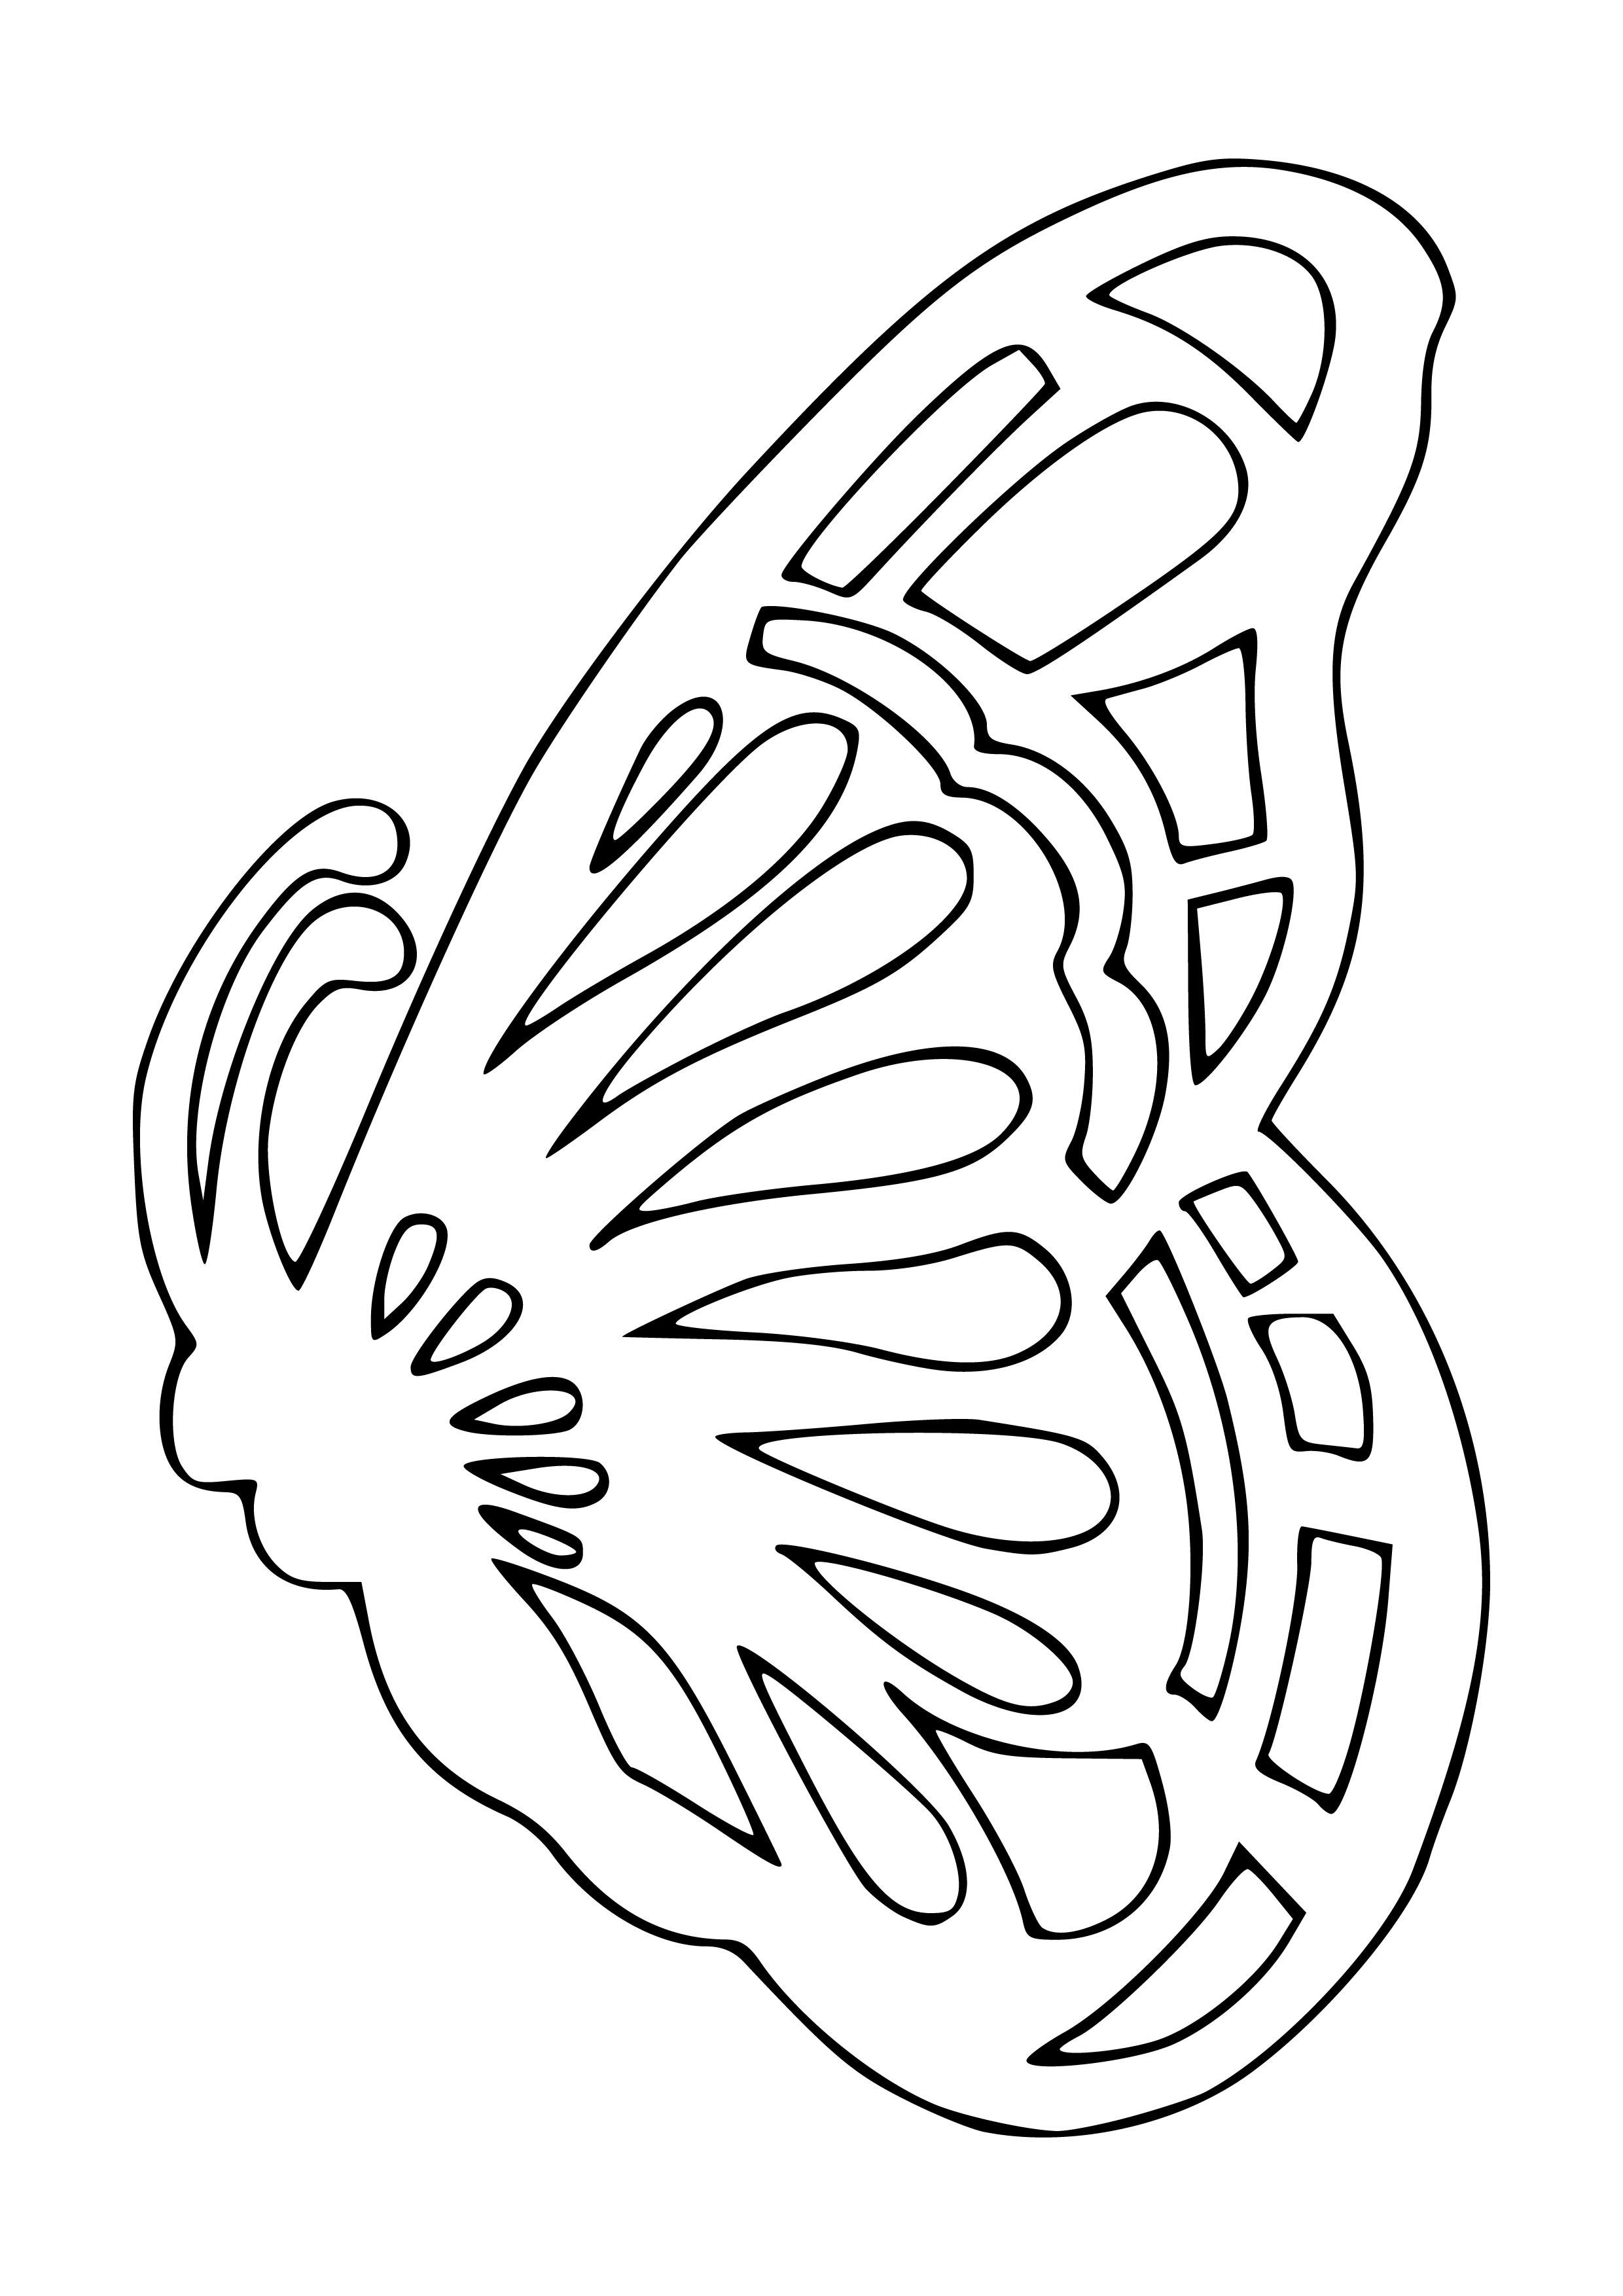 Вырезать бабочек из бумаги на окно